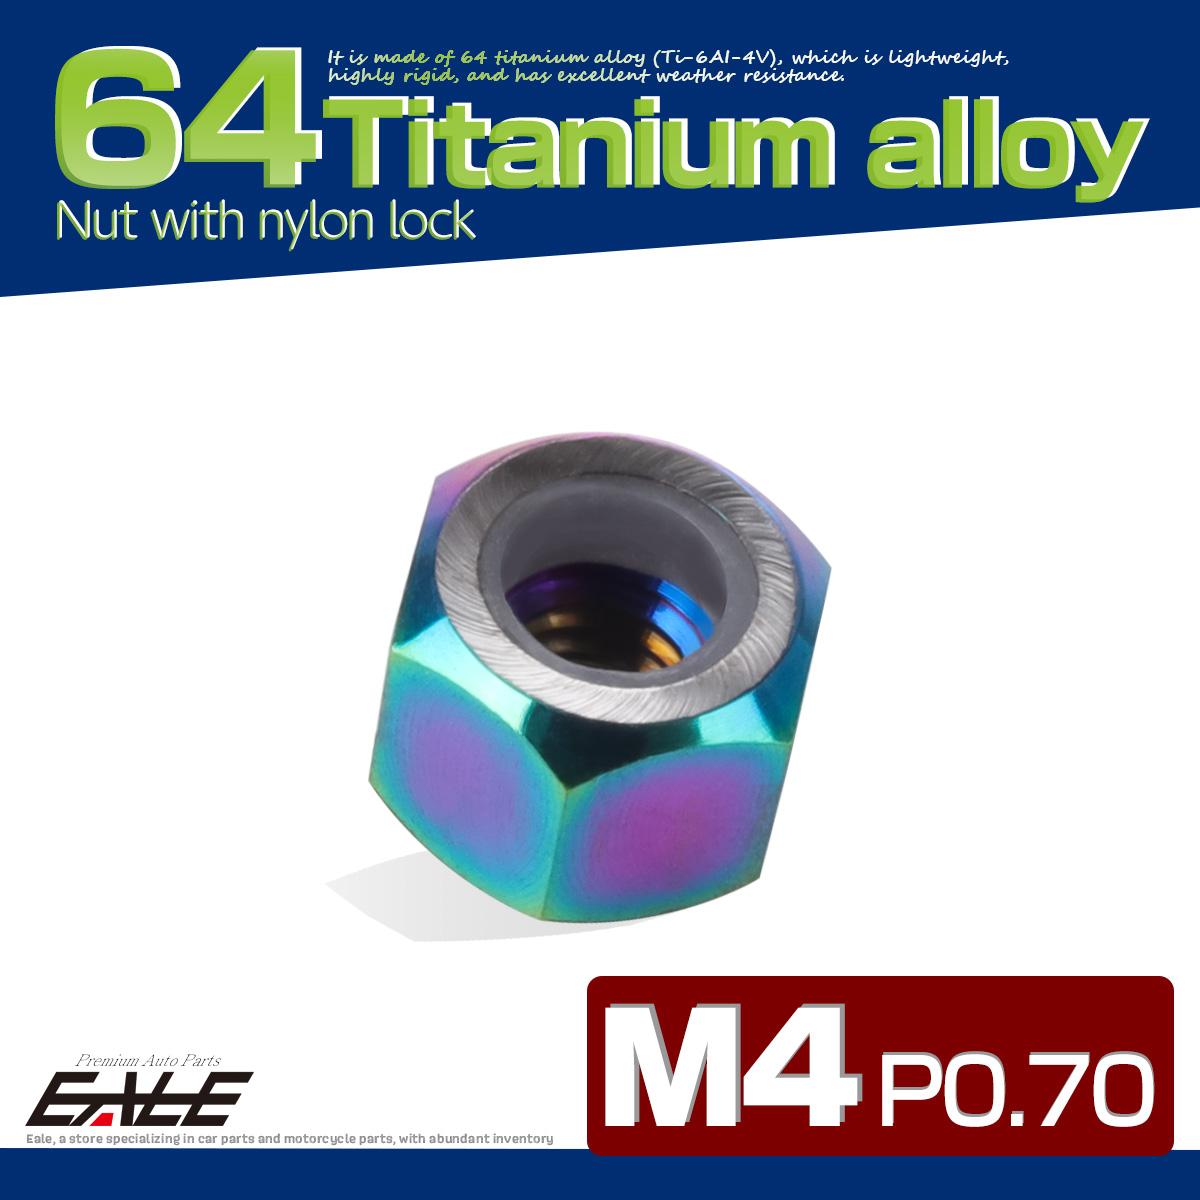 【ネコポス可】 M4 P0.7 64チタン ナイロンナット ゆるみ防止ナット 六角ナット レインボー JA827